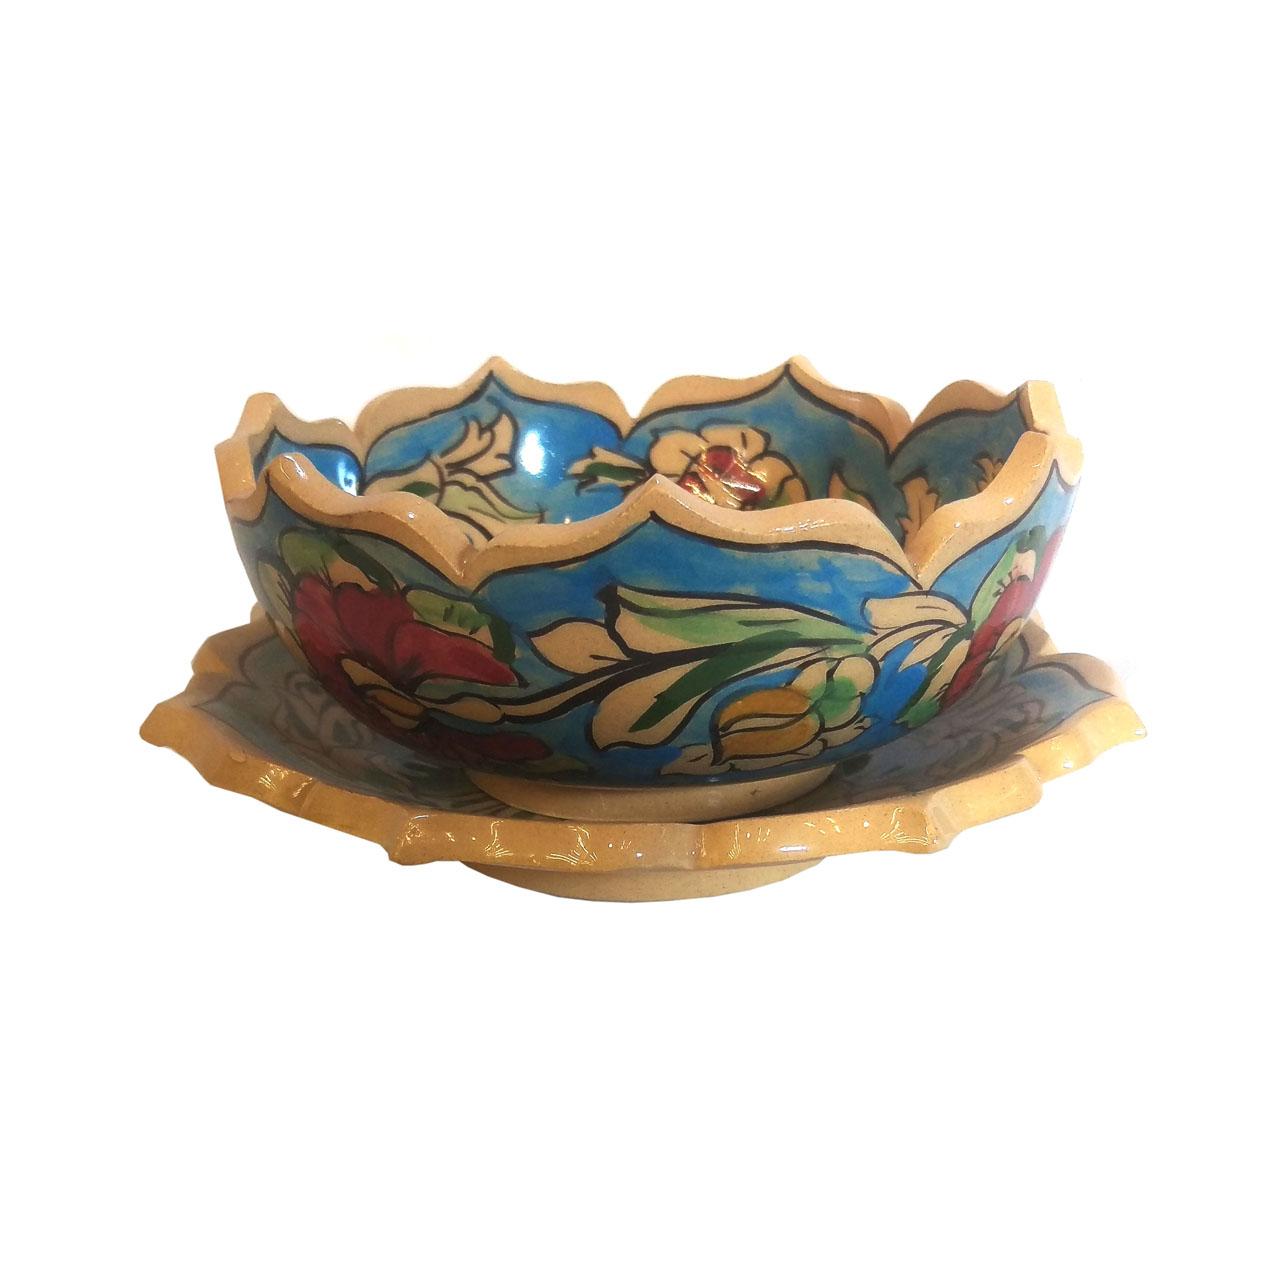 کاسه و بشقاب سفالی لوح هنر کد 943